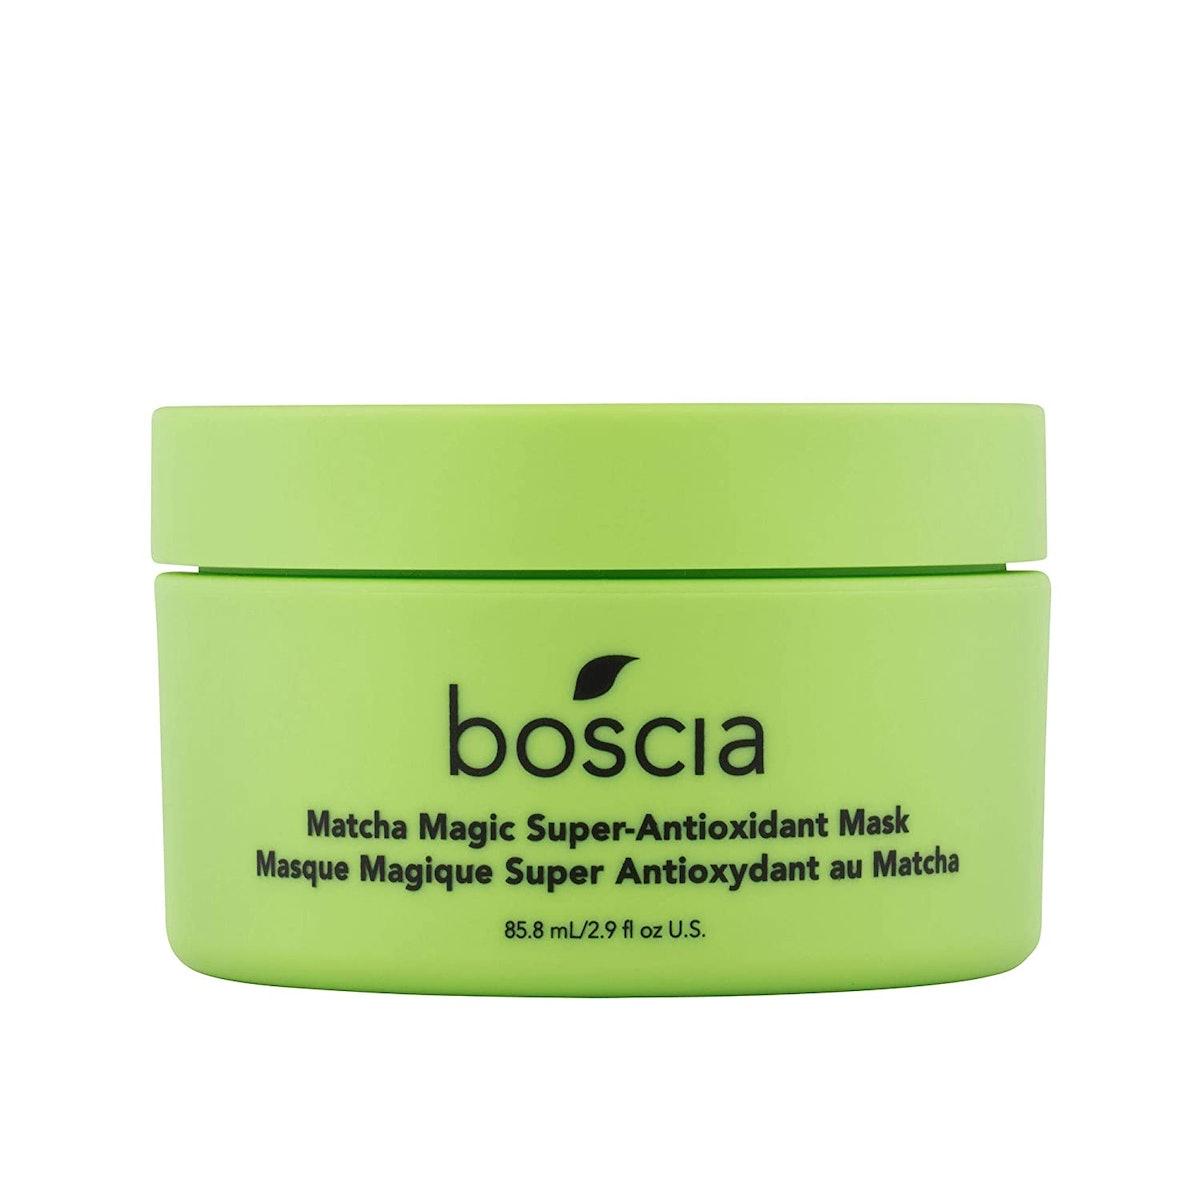 Matcha Magic Super-Antioxidant Mask